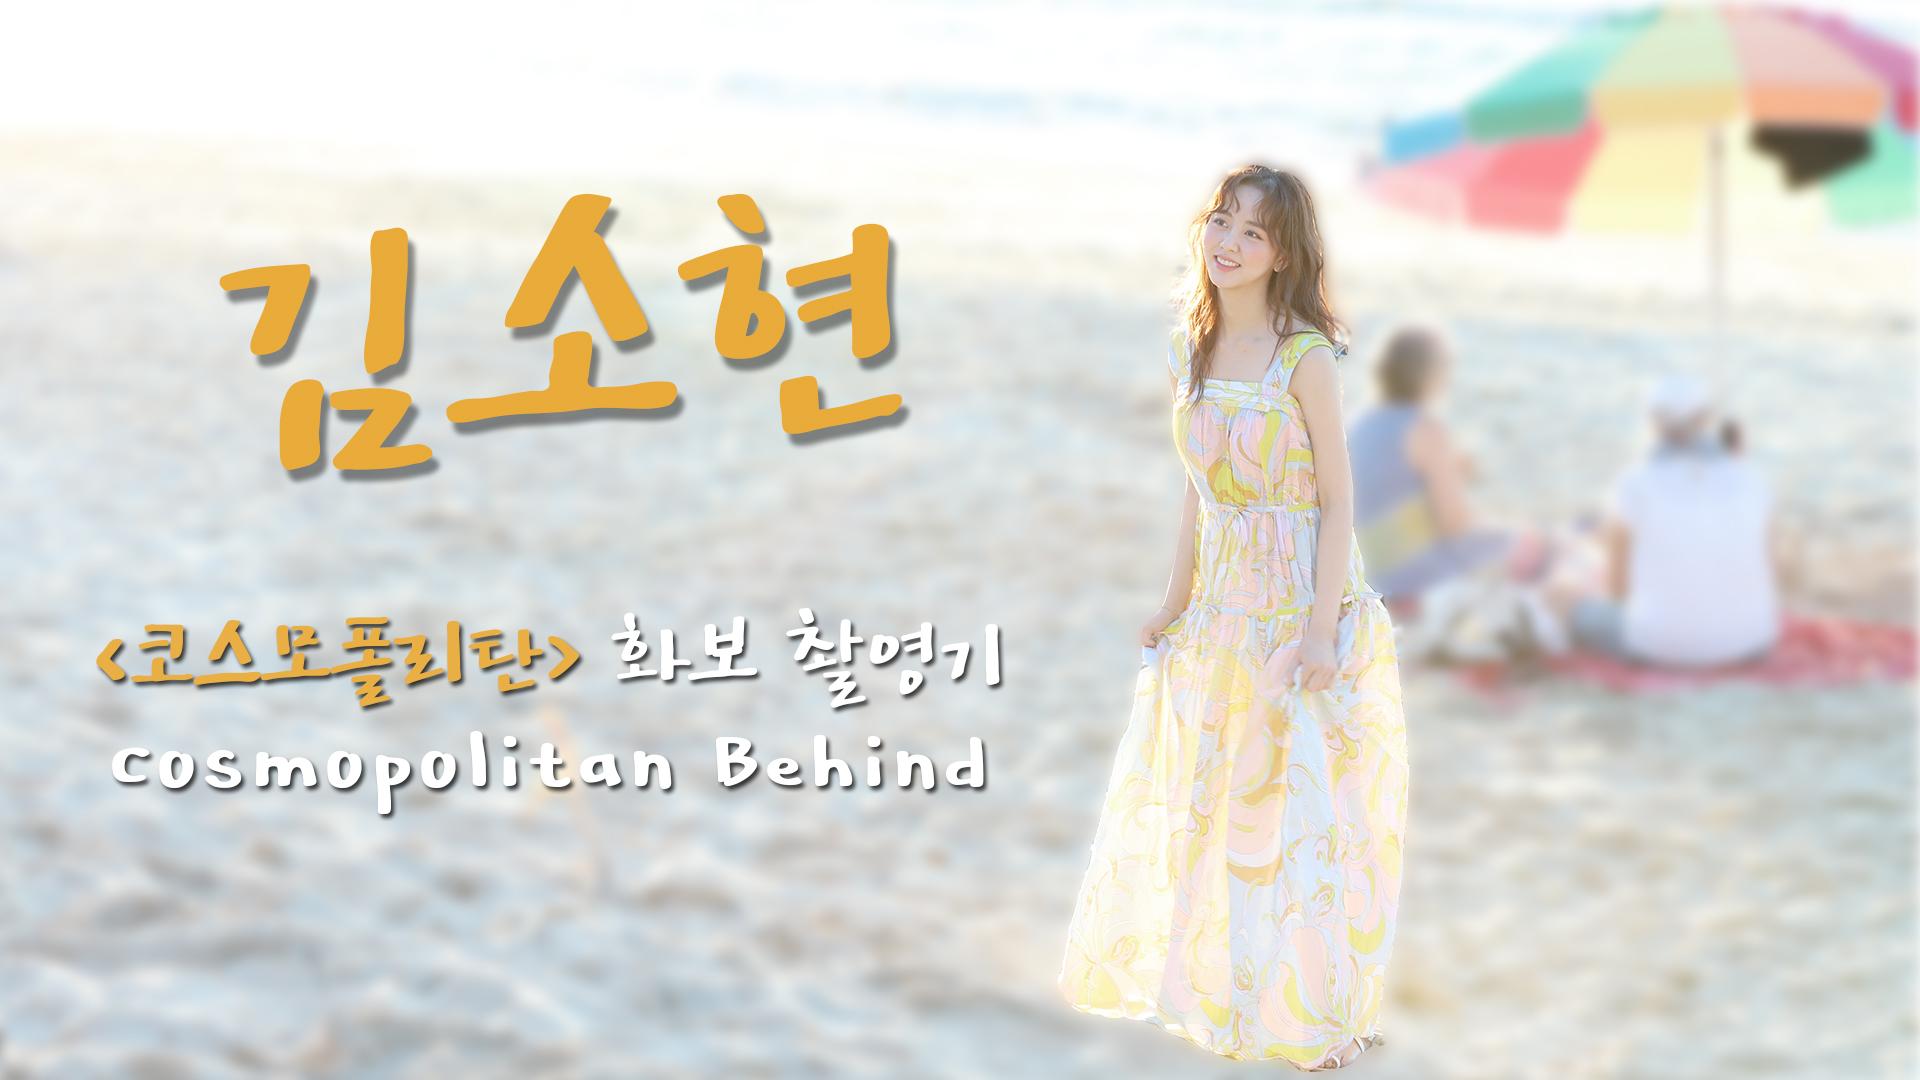 [김소현] '코스모폴리탄' 화보 촬영기